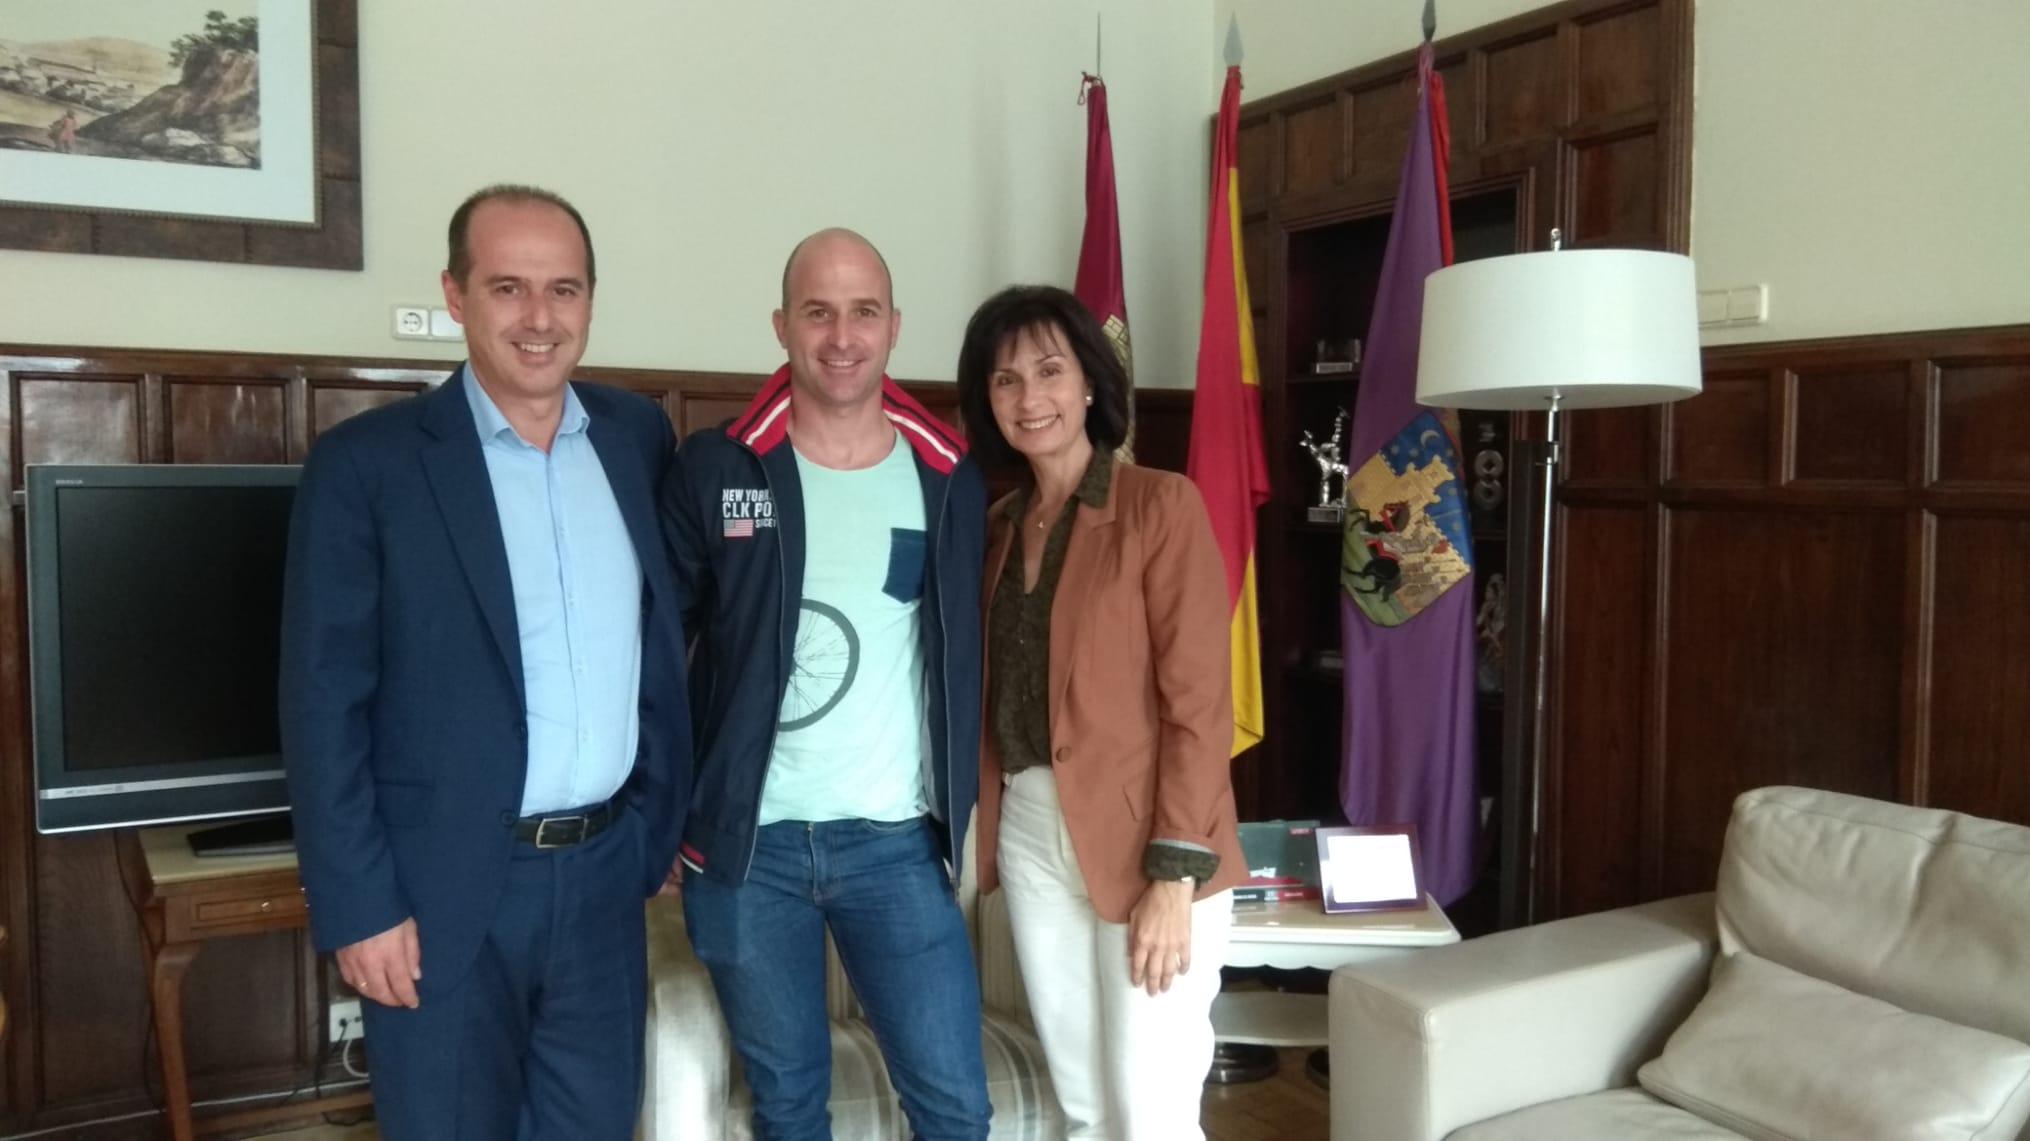 El alcalde recibe al bombero, Jorge Serrano, cuyo palmarés deportivo atesora decenas de premios